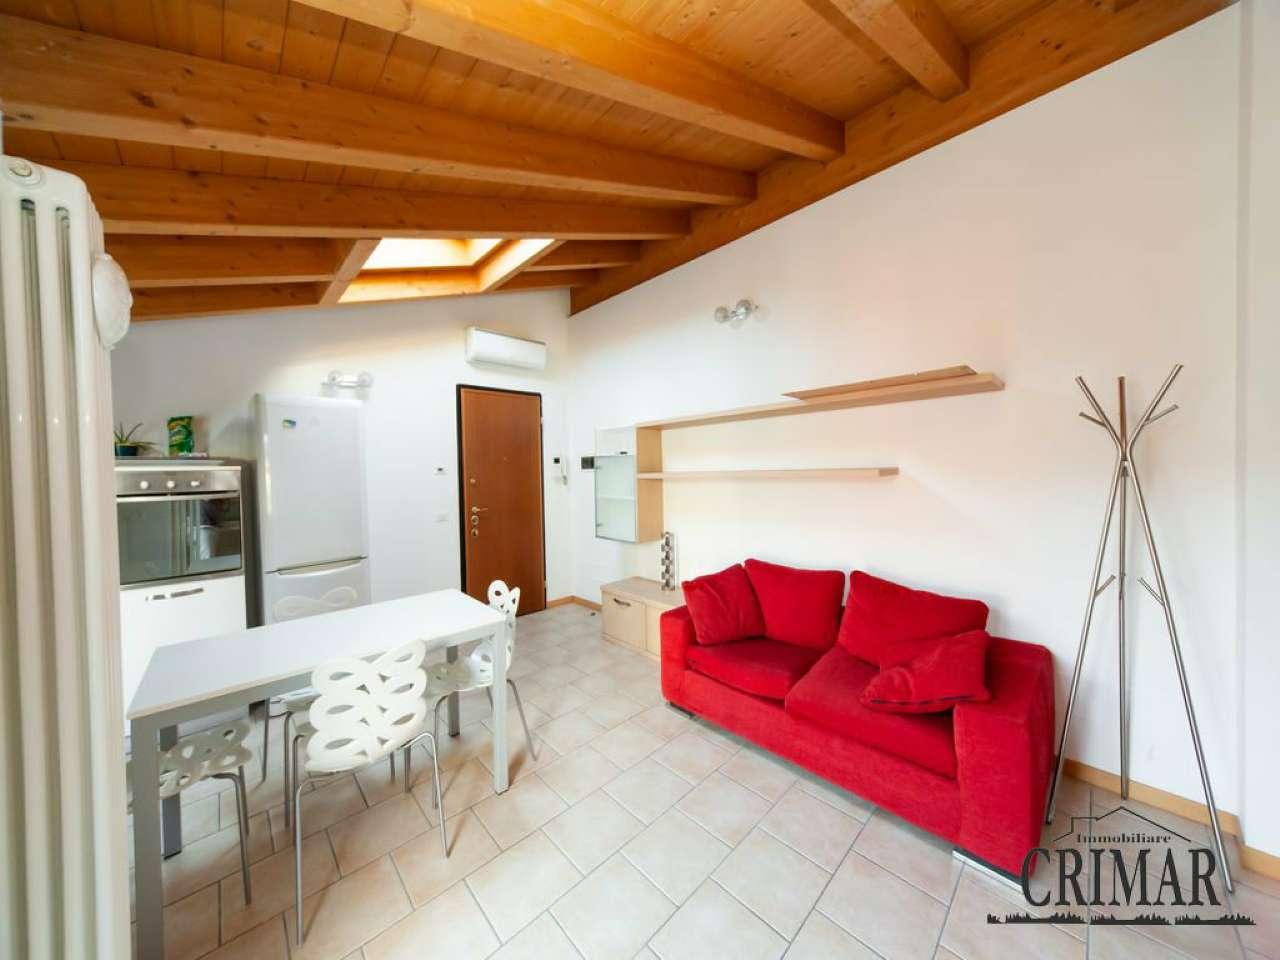 Appartamento in vendita a Muggiò, 2 locali, prezzo € 108.000 | PortaleAgenzieImmobiliari.it